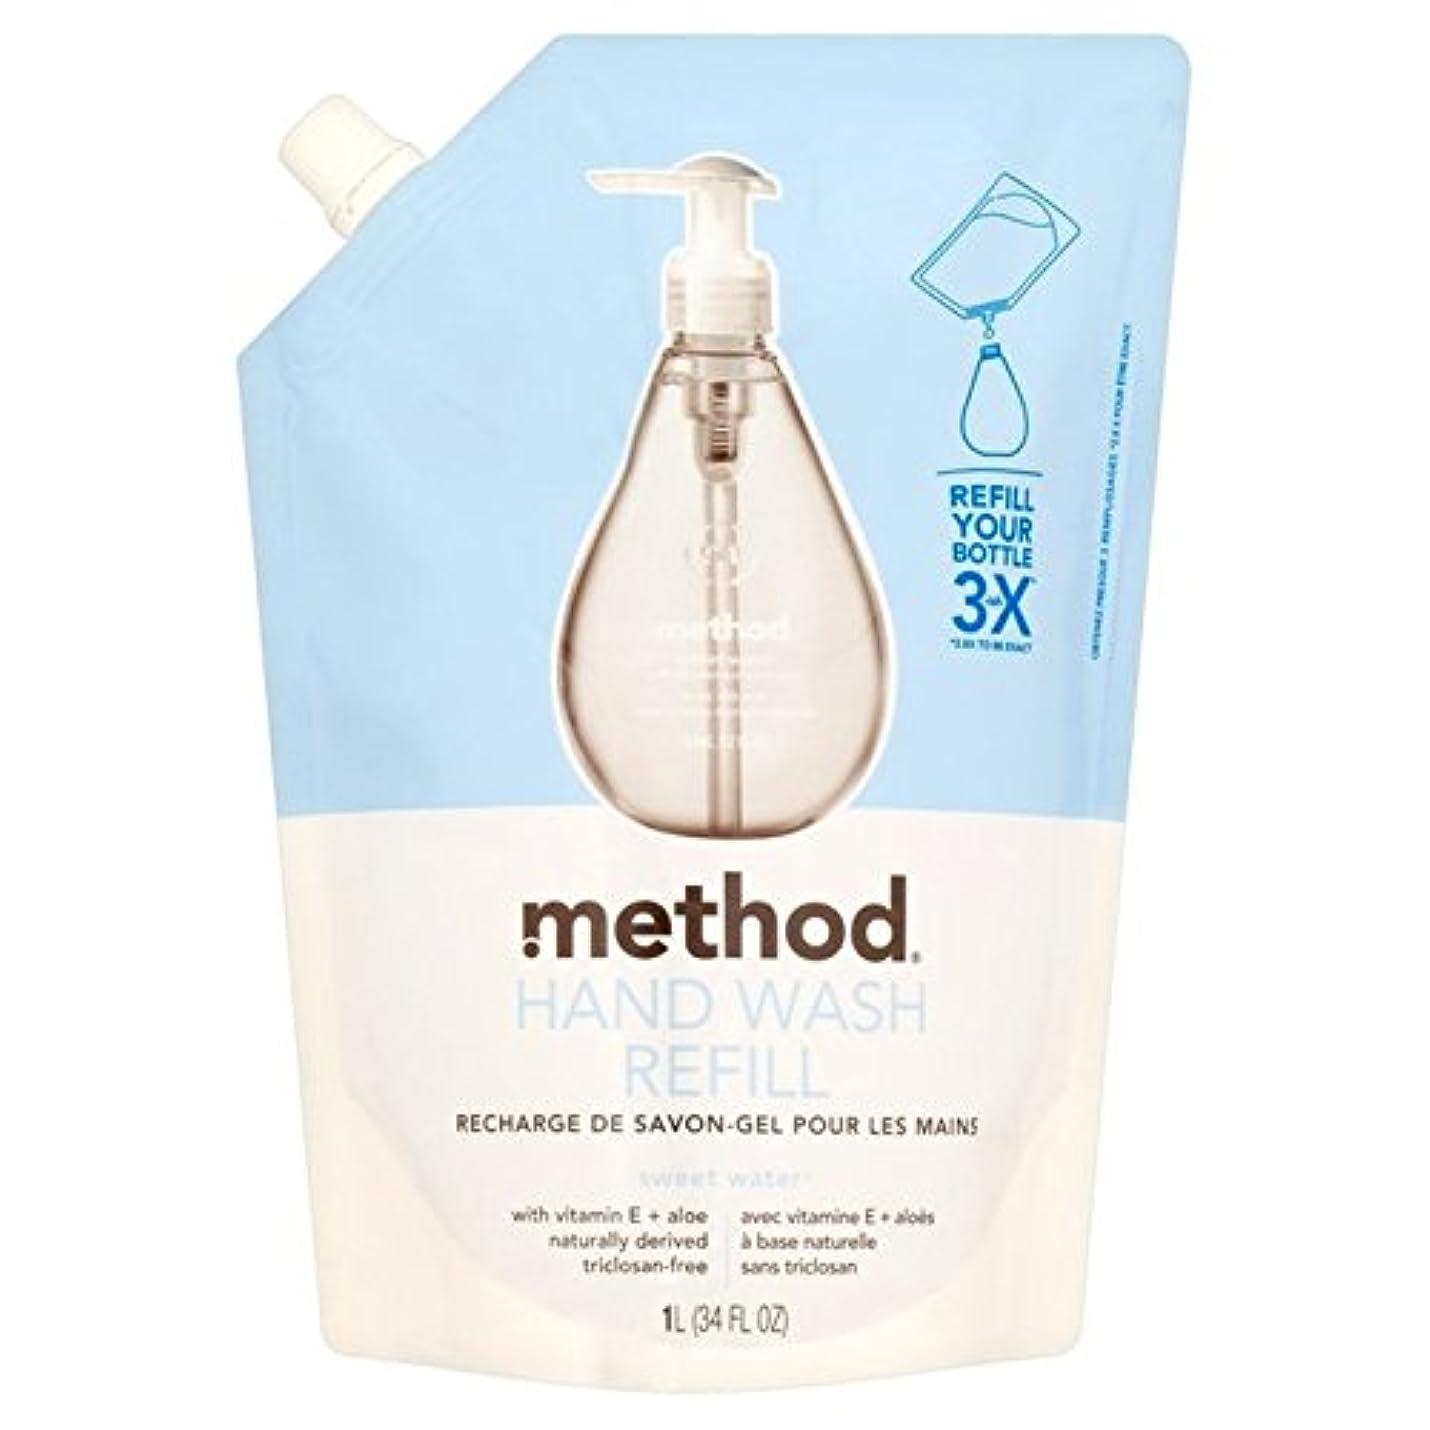 抱擁影響を受けやすいですあいさつMethod Sweet Water Refil Handwash 1L (Pack of 6) - メソッドの甘い水のリファイルの手洗いの1リットル x6 [並行輸入品]